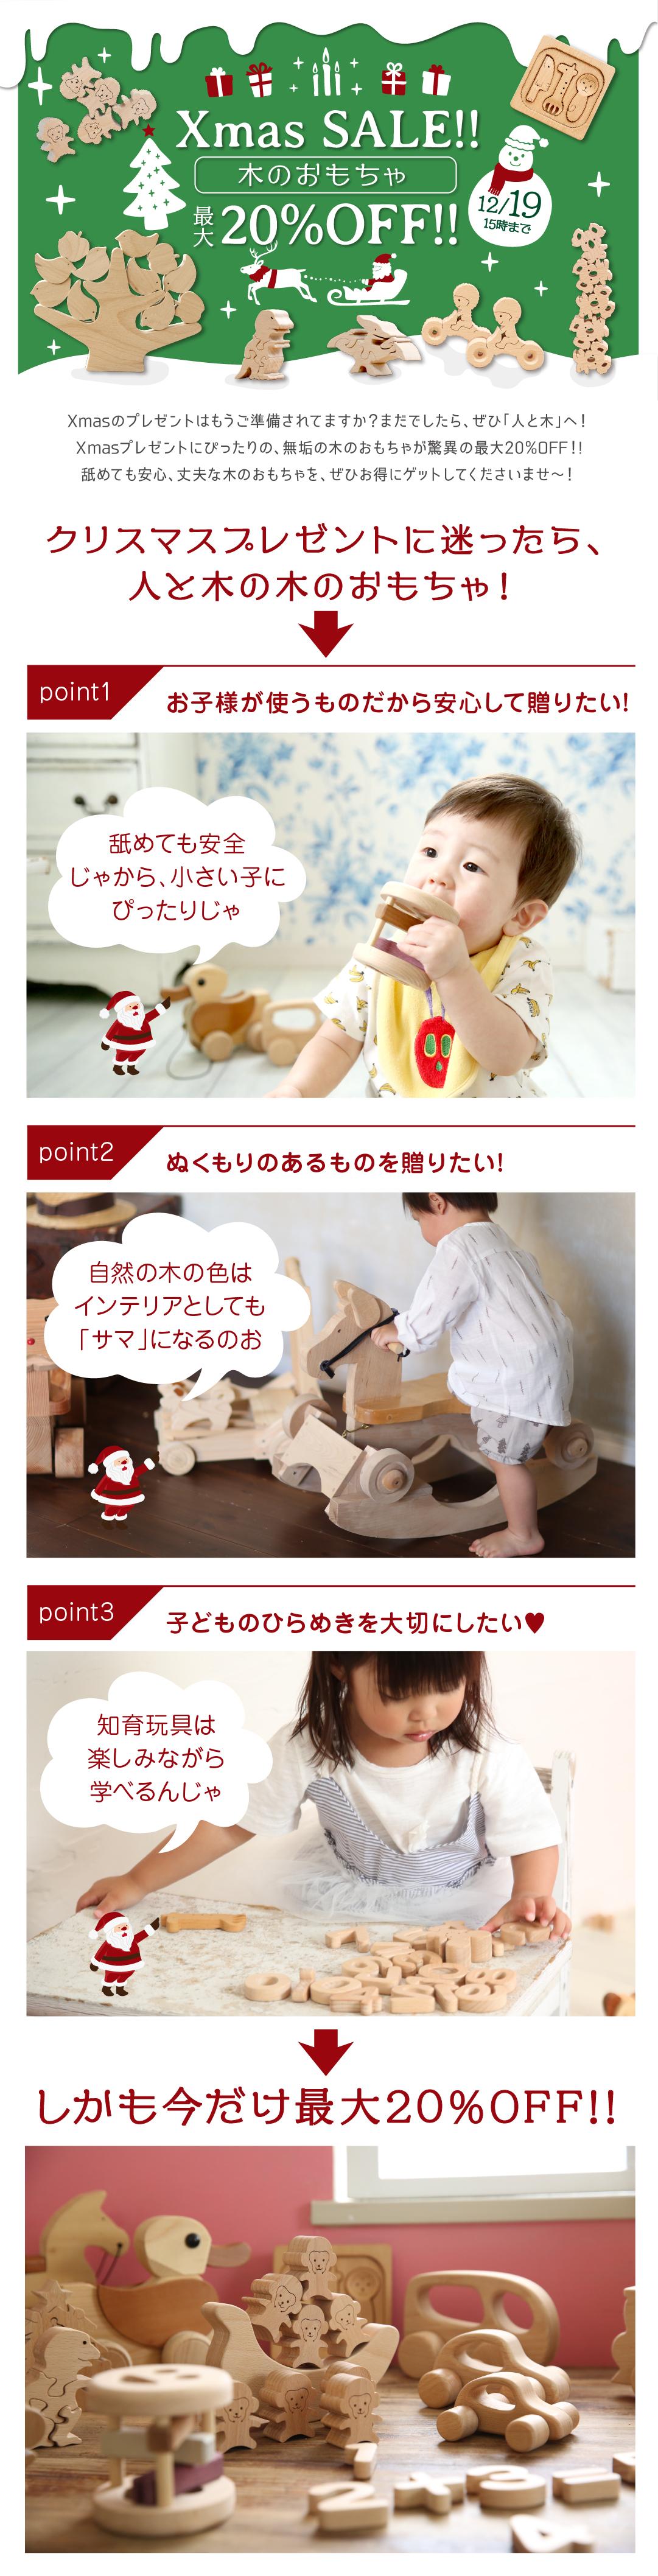 クリスマス10%OFFキャンペーン木のおもちゃTOP